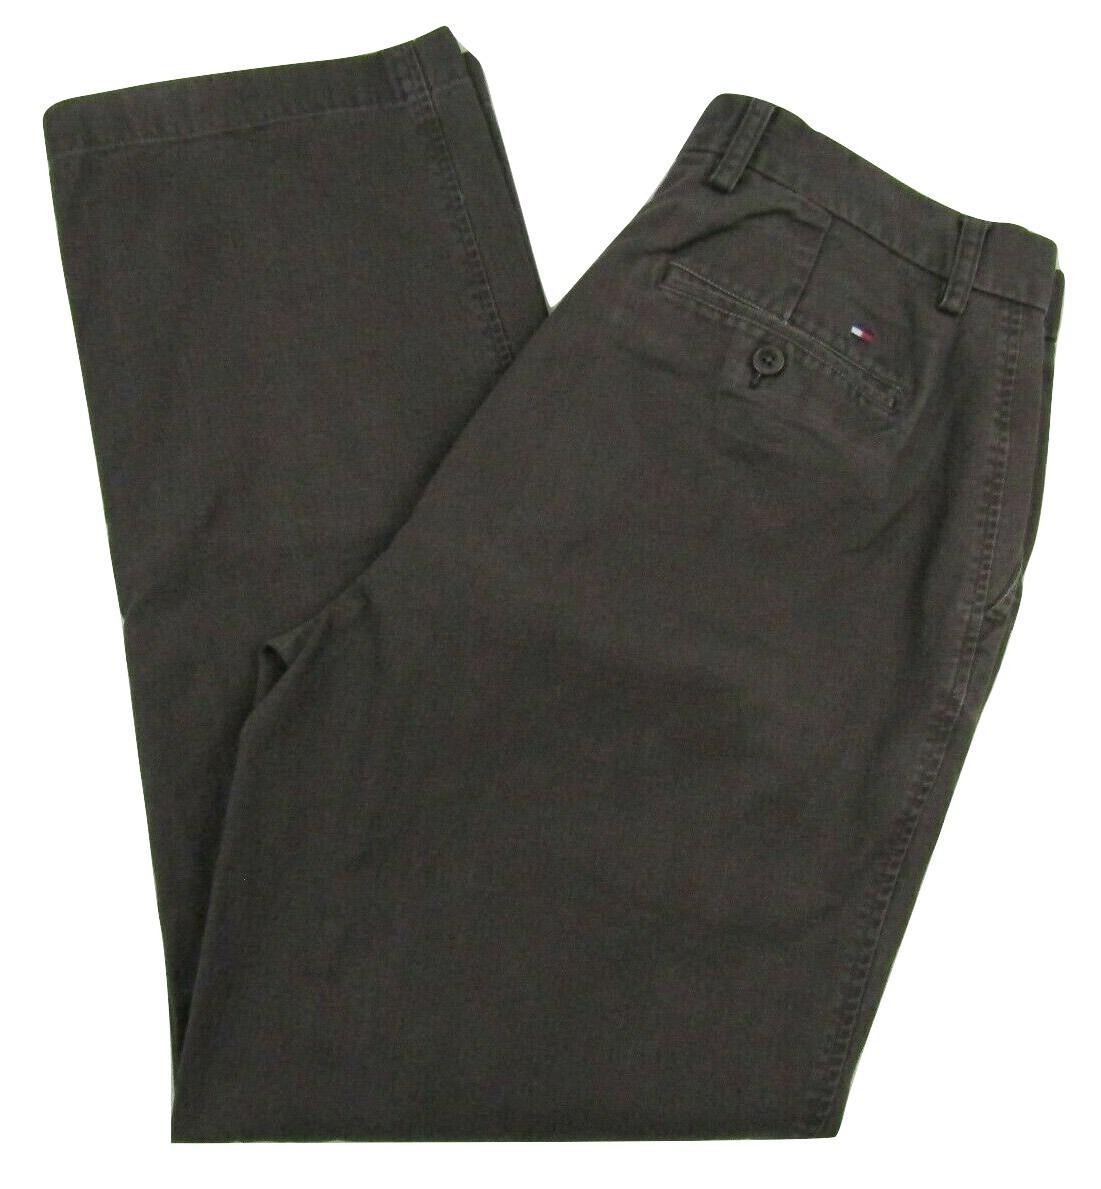 SIZE 33 X 30 100/% cotton ~ NWT GRAY PIN MEN/'S DOCKERS SIGNATURE KHAKI PANTS